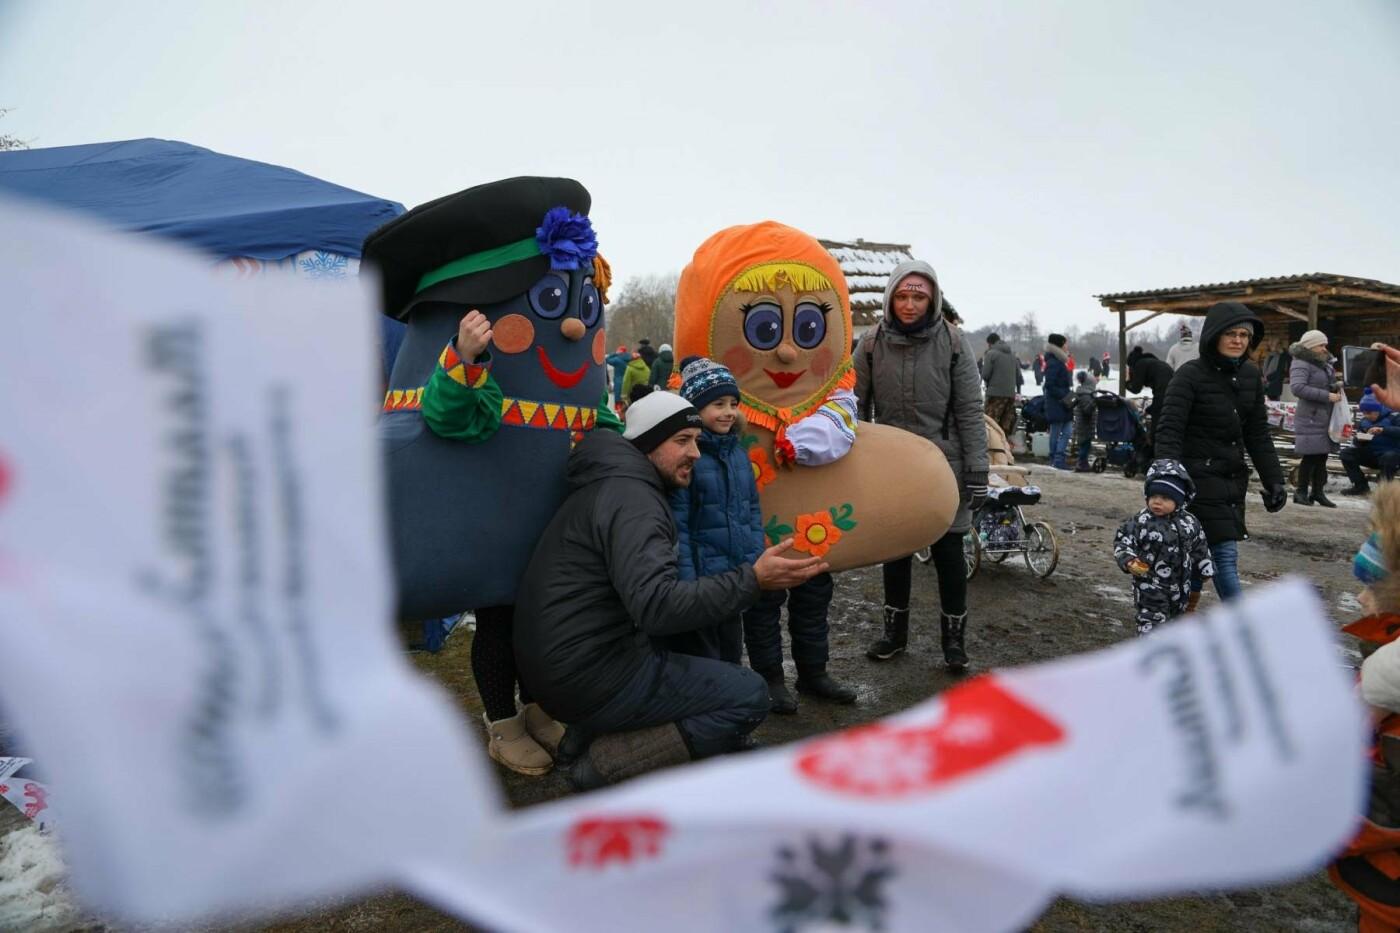 В Белгородской области в третий раз провели фестиваль «Маланья зимняя» — фоторепортаж, фото-1